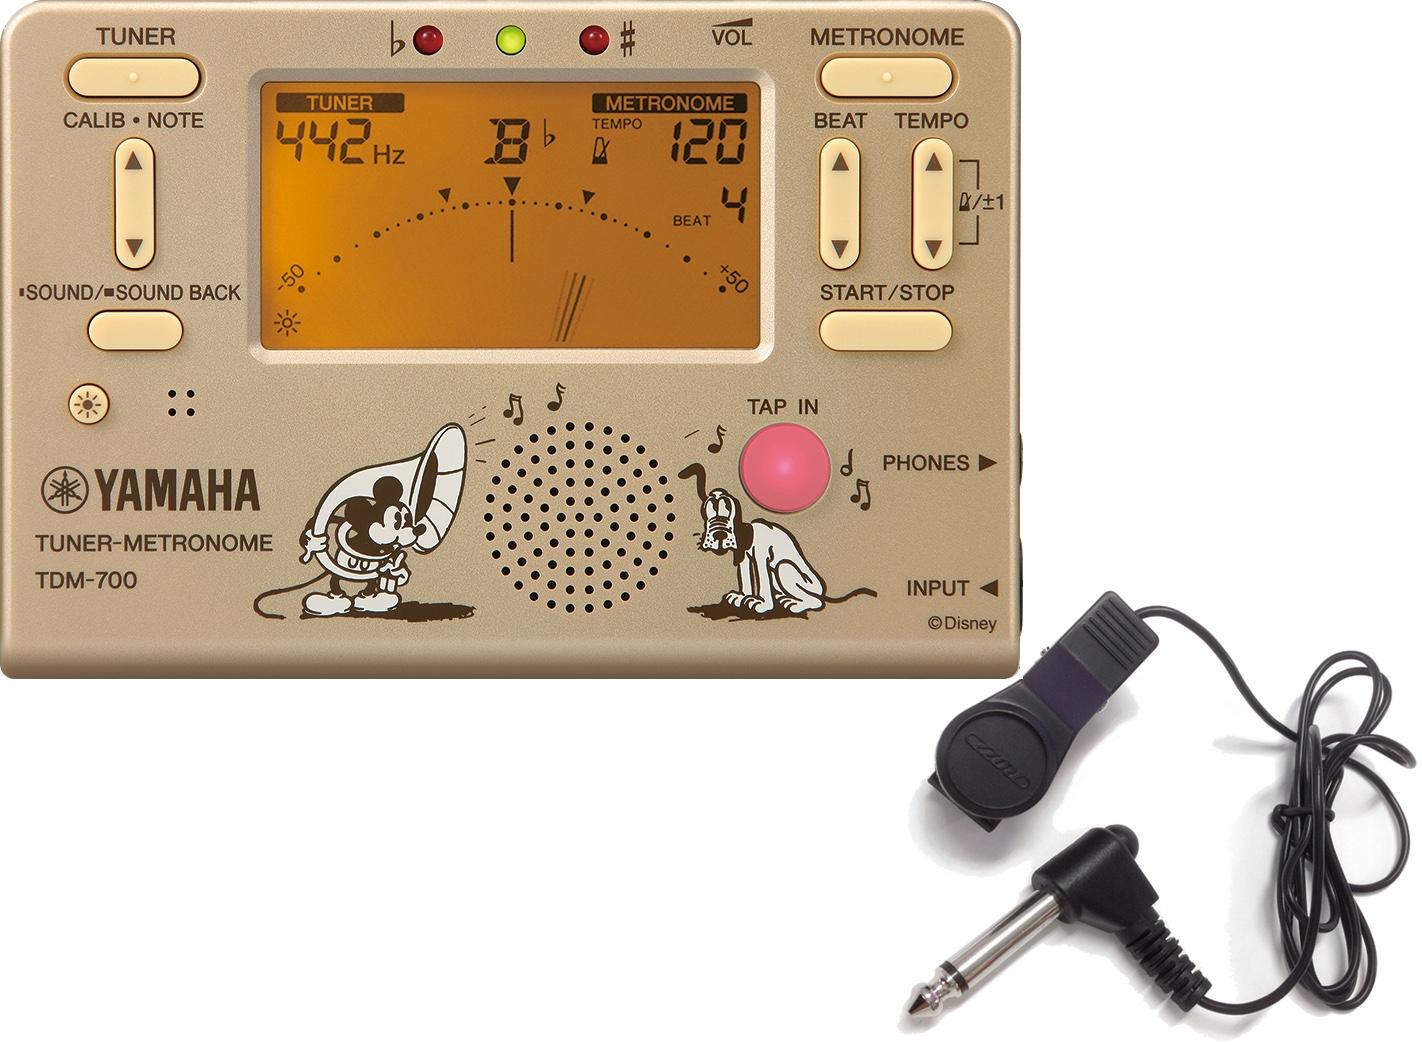 Disney Tuner Metronome TDM-700 Mickey アウトレット Mouse gold メール便出荷品 YAMAHA ヤマハ 店内限界値引き中&セルフラッピング無料 TDM-700DMK セット ゴールド 沖縄不可 北海道不可 マイク クロマチックチューナー チューナーメトロノーム 離島不可 ディズニー ミッキーマウス